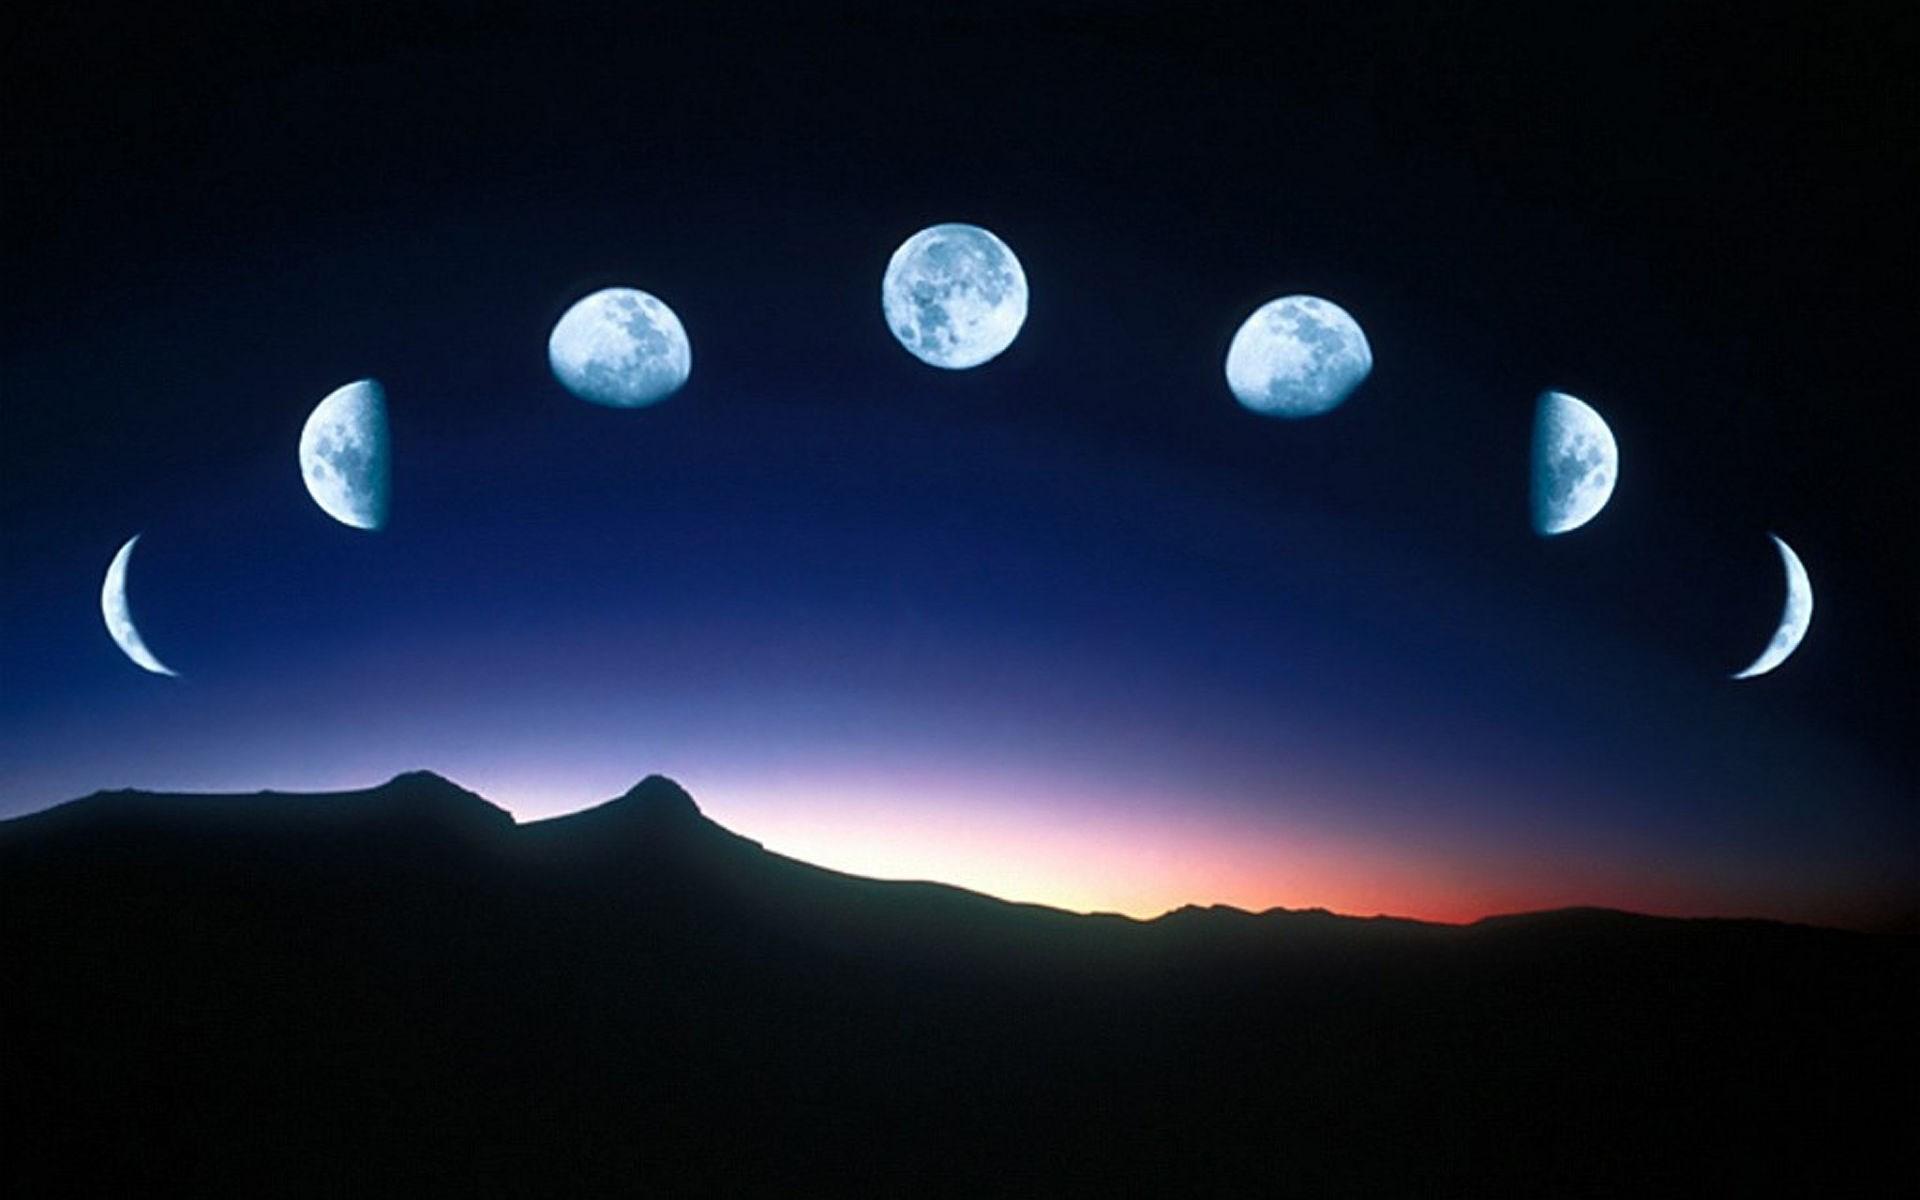 moon ipad wallpaper retina